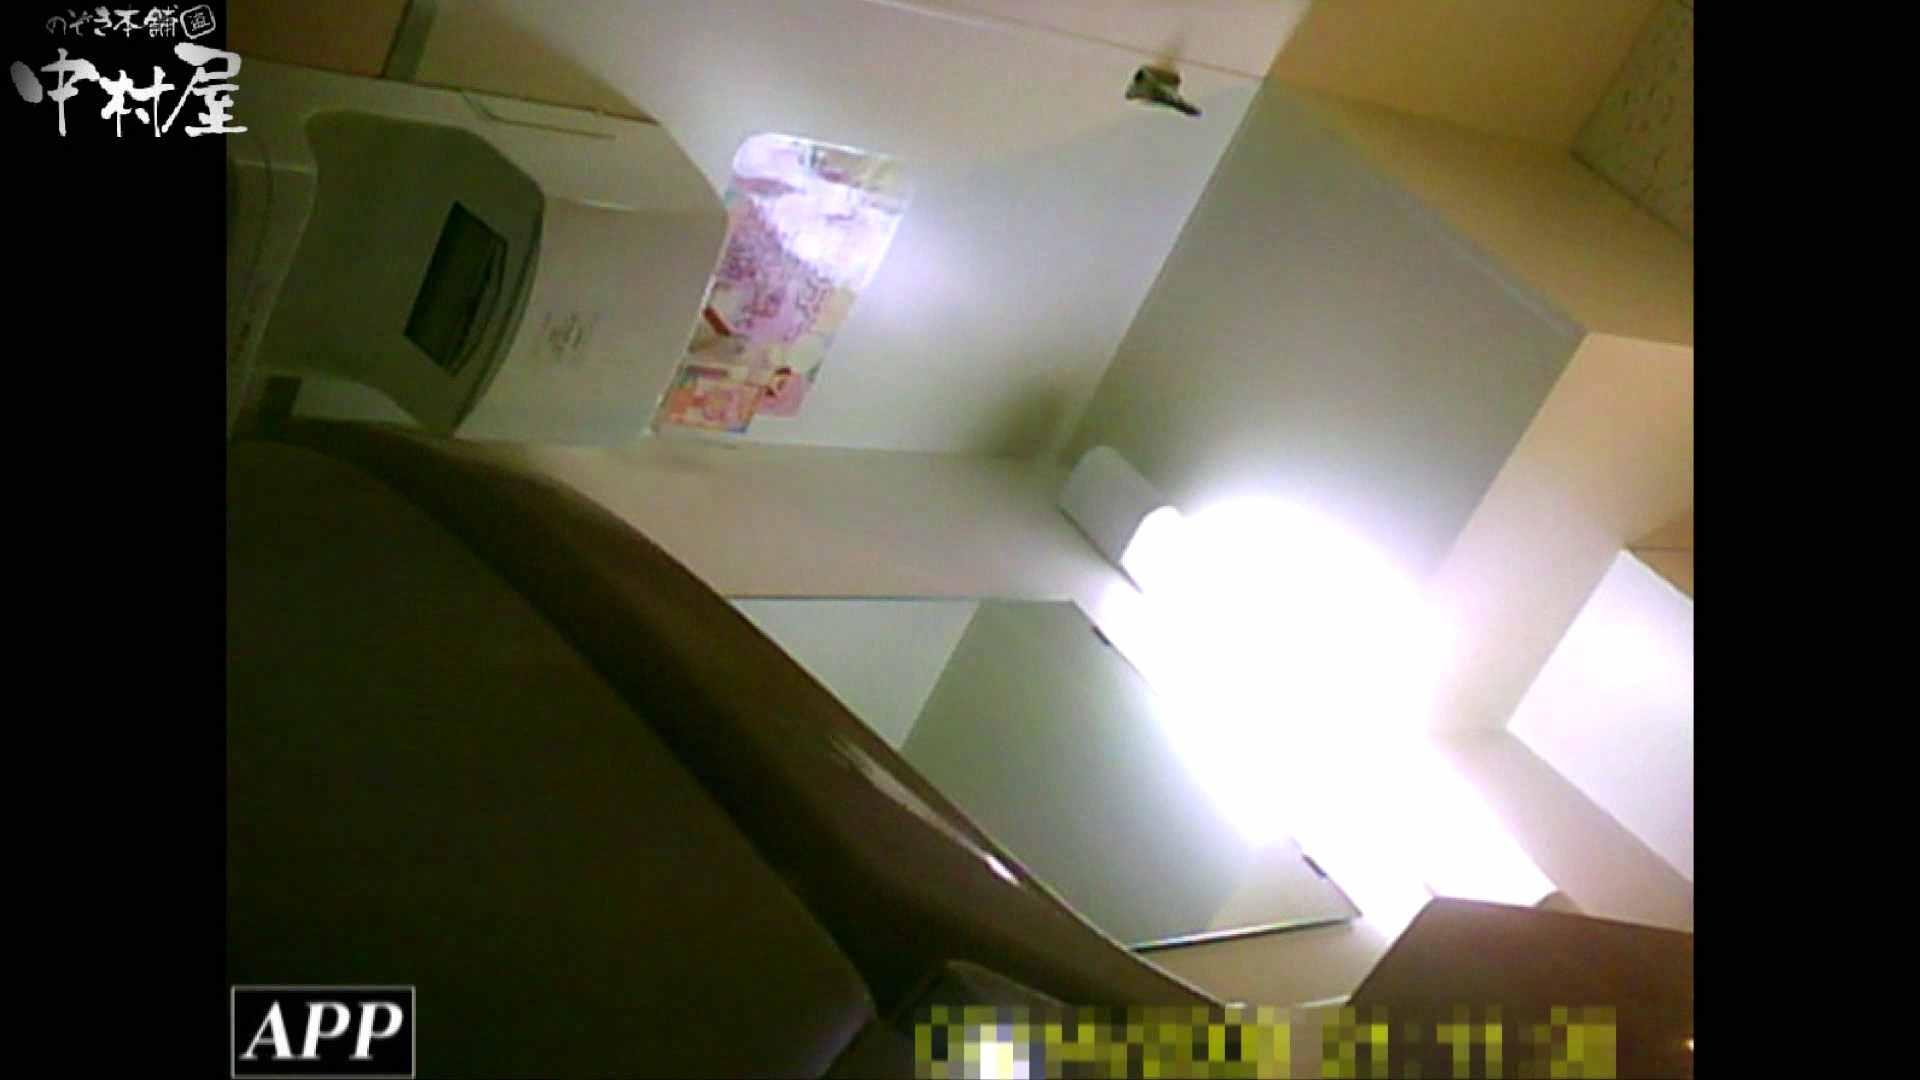 三つ目で盗撮 vol.79 オマンコもろ セックス無修正動画無料 113PIX 63